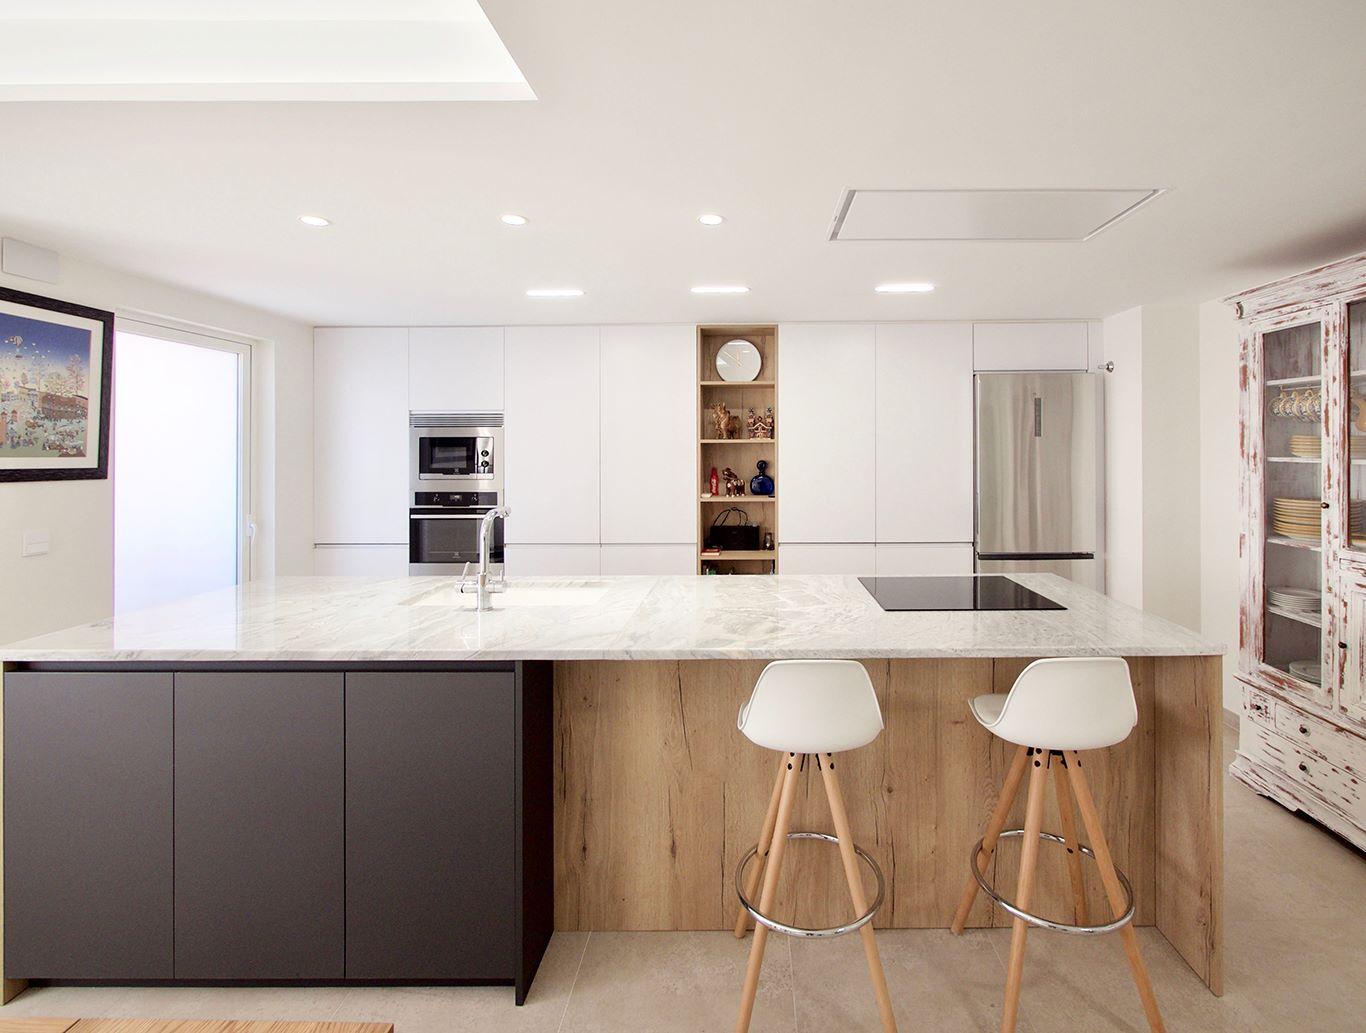 Cocina con mucho espacio de almacenamiento. Distribuida en isla con detalles en madera y gris antracita, con frente de muebles columna en blancos al fondo